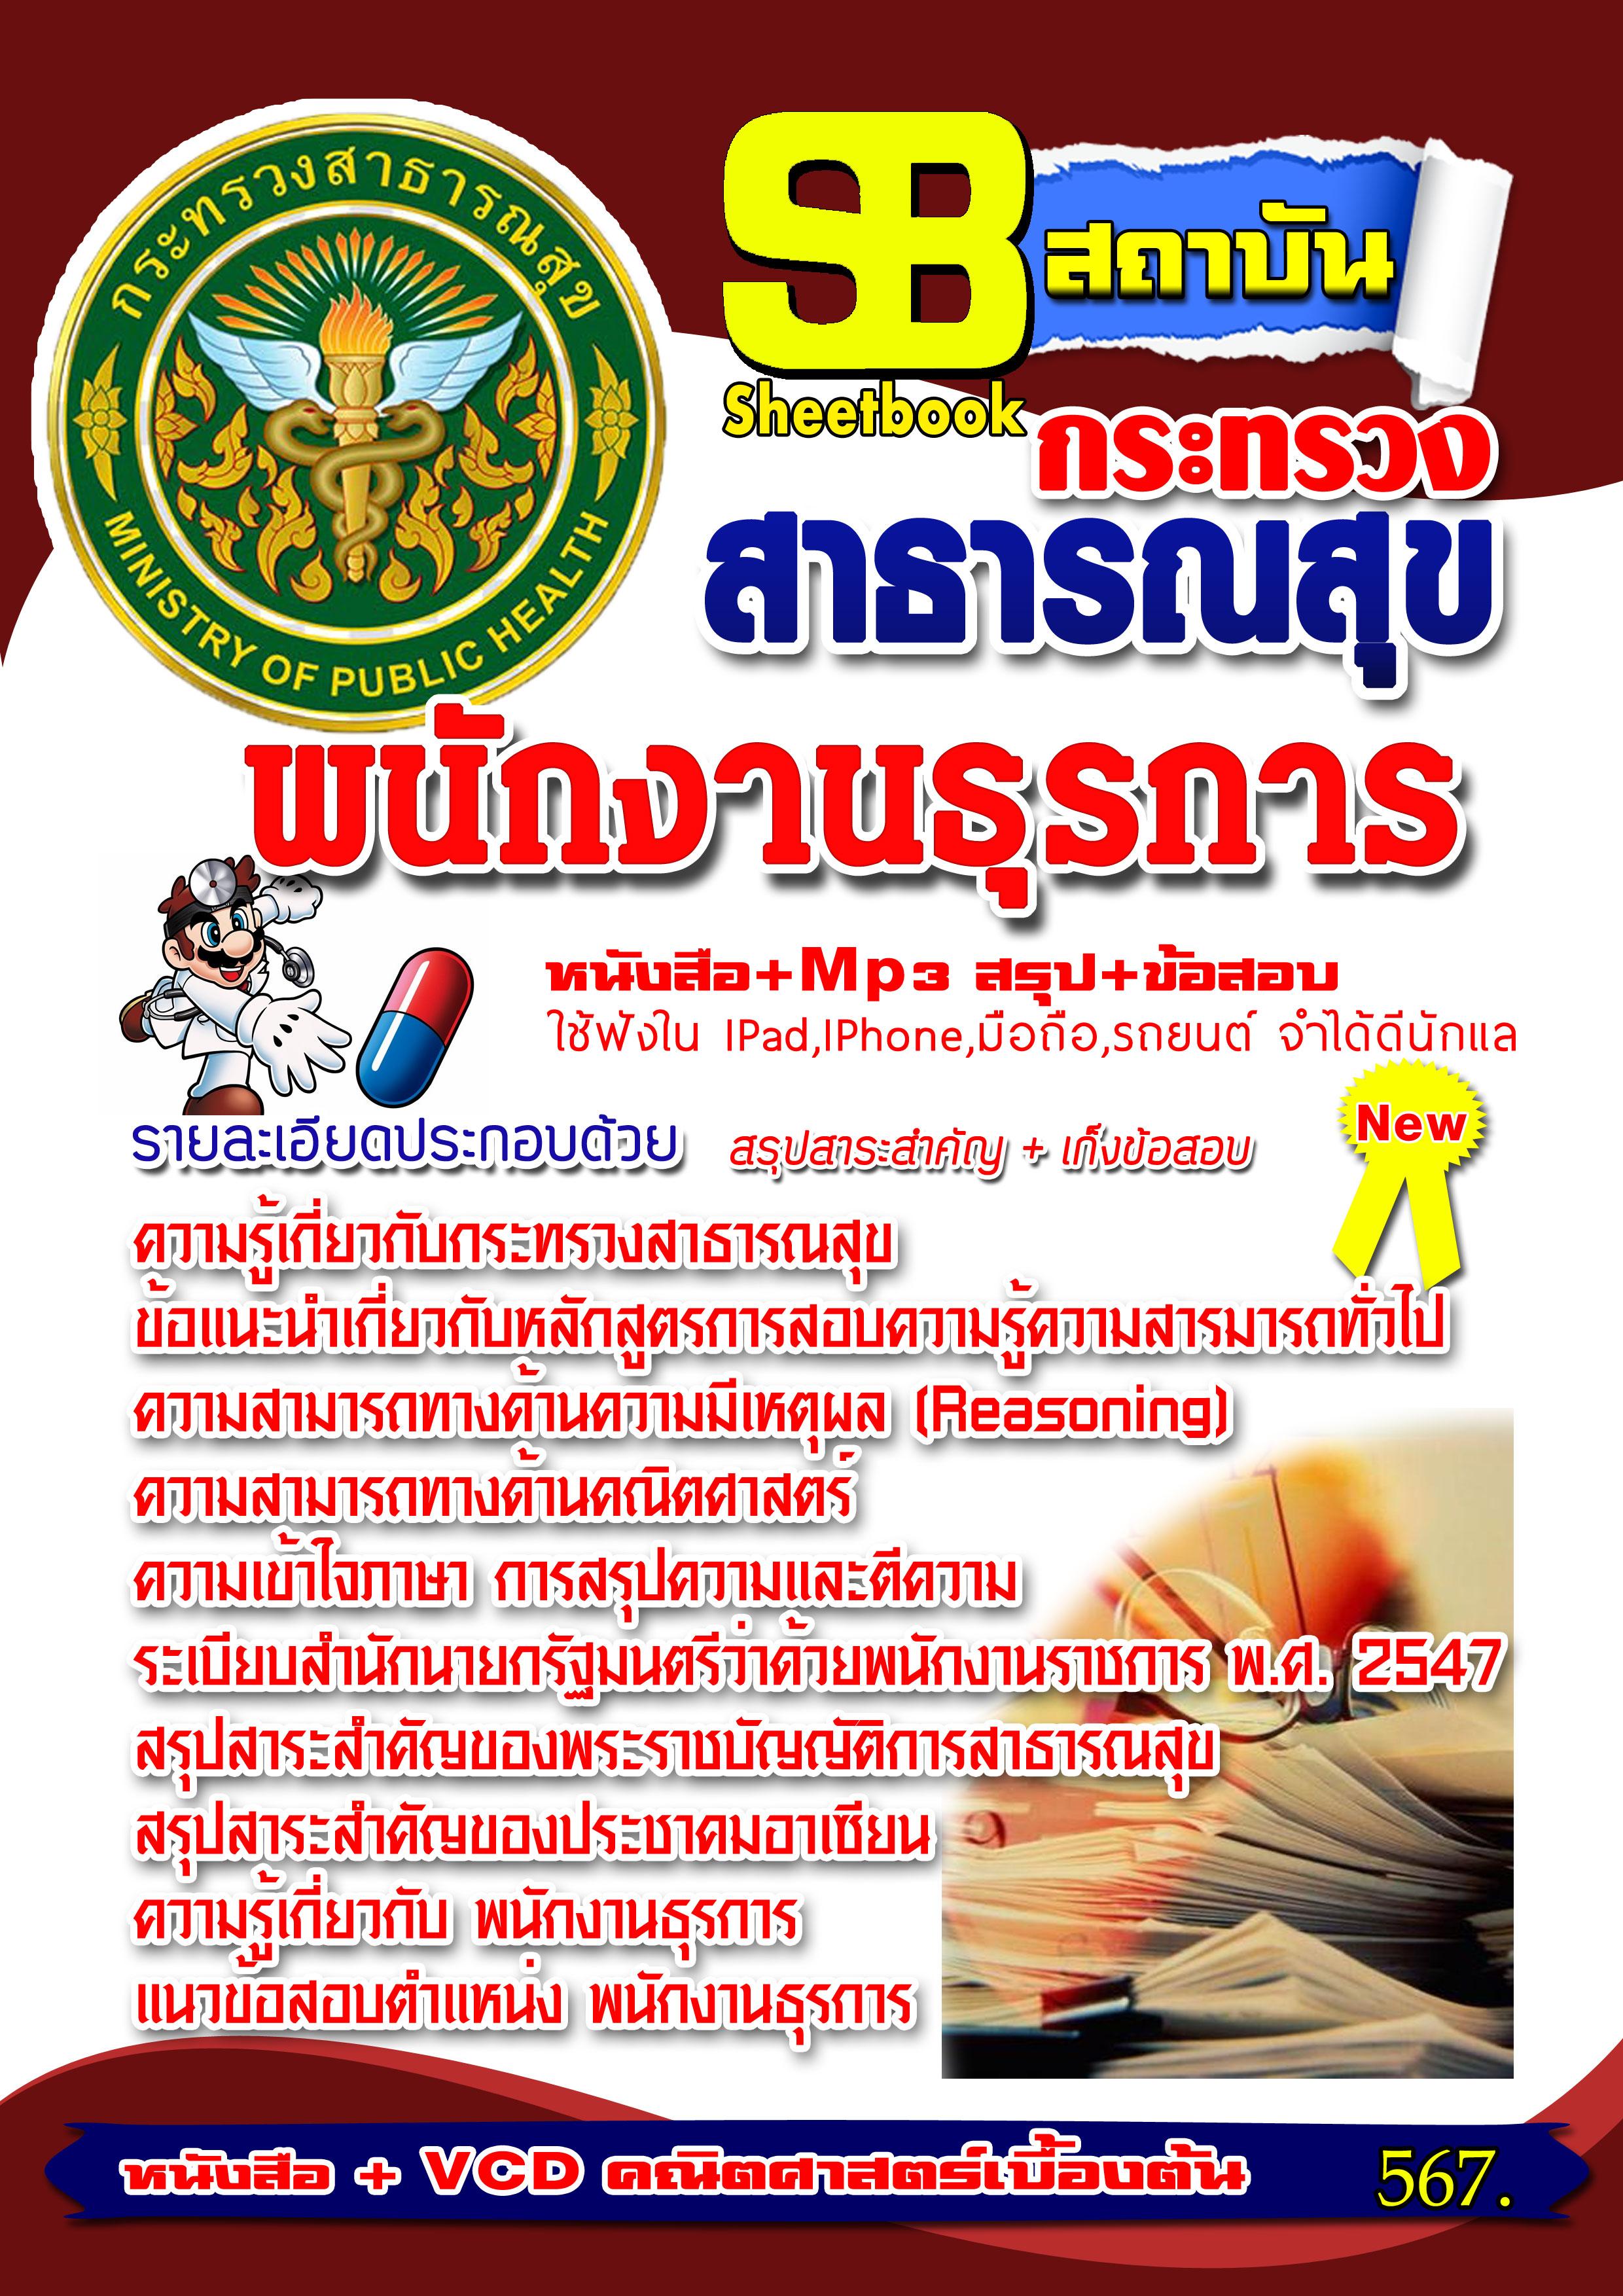 หนังสือ+MP3 พนักงานธุรการ กระทรวงสาธารณสุข